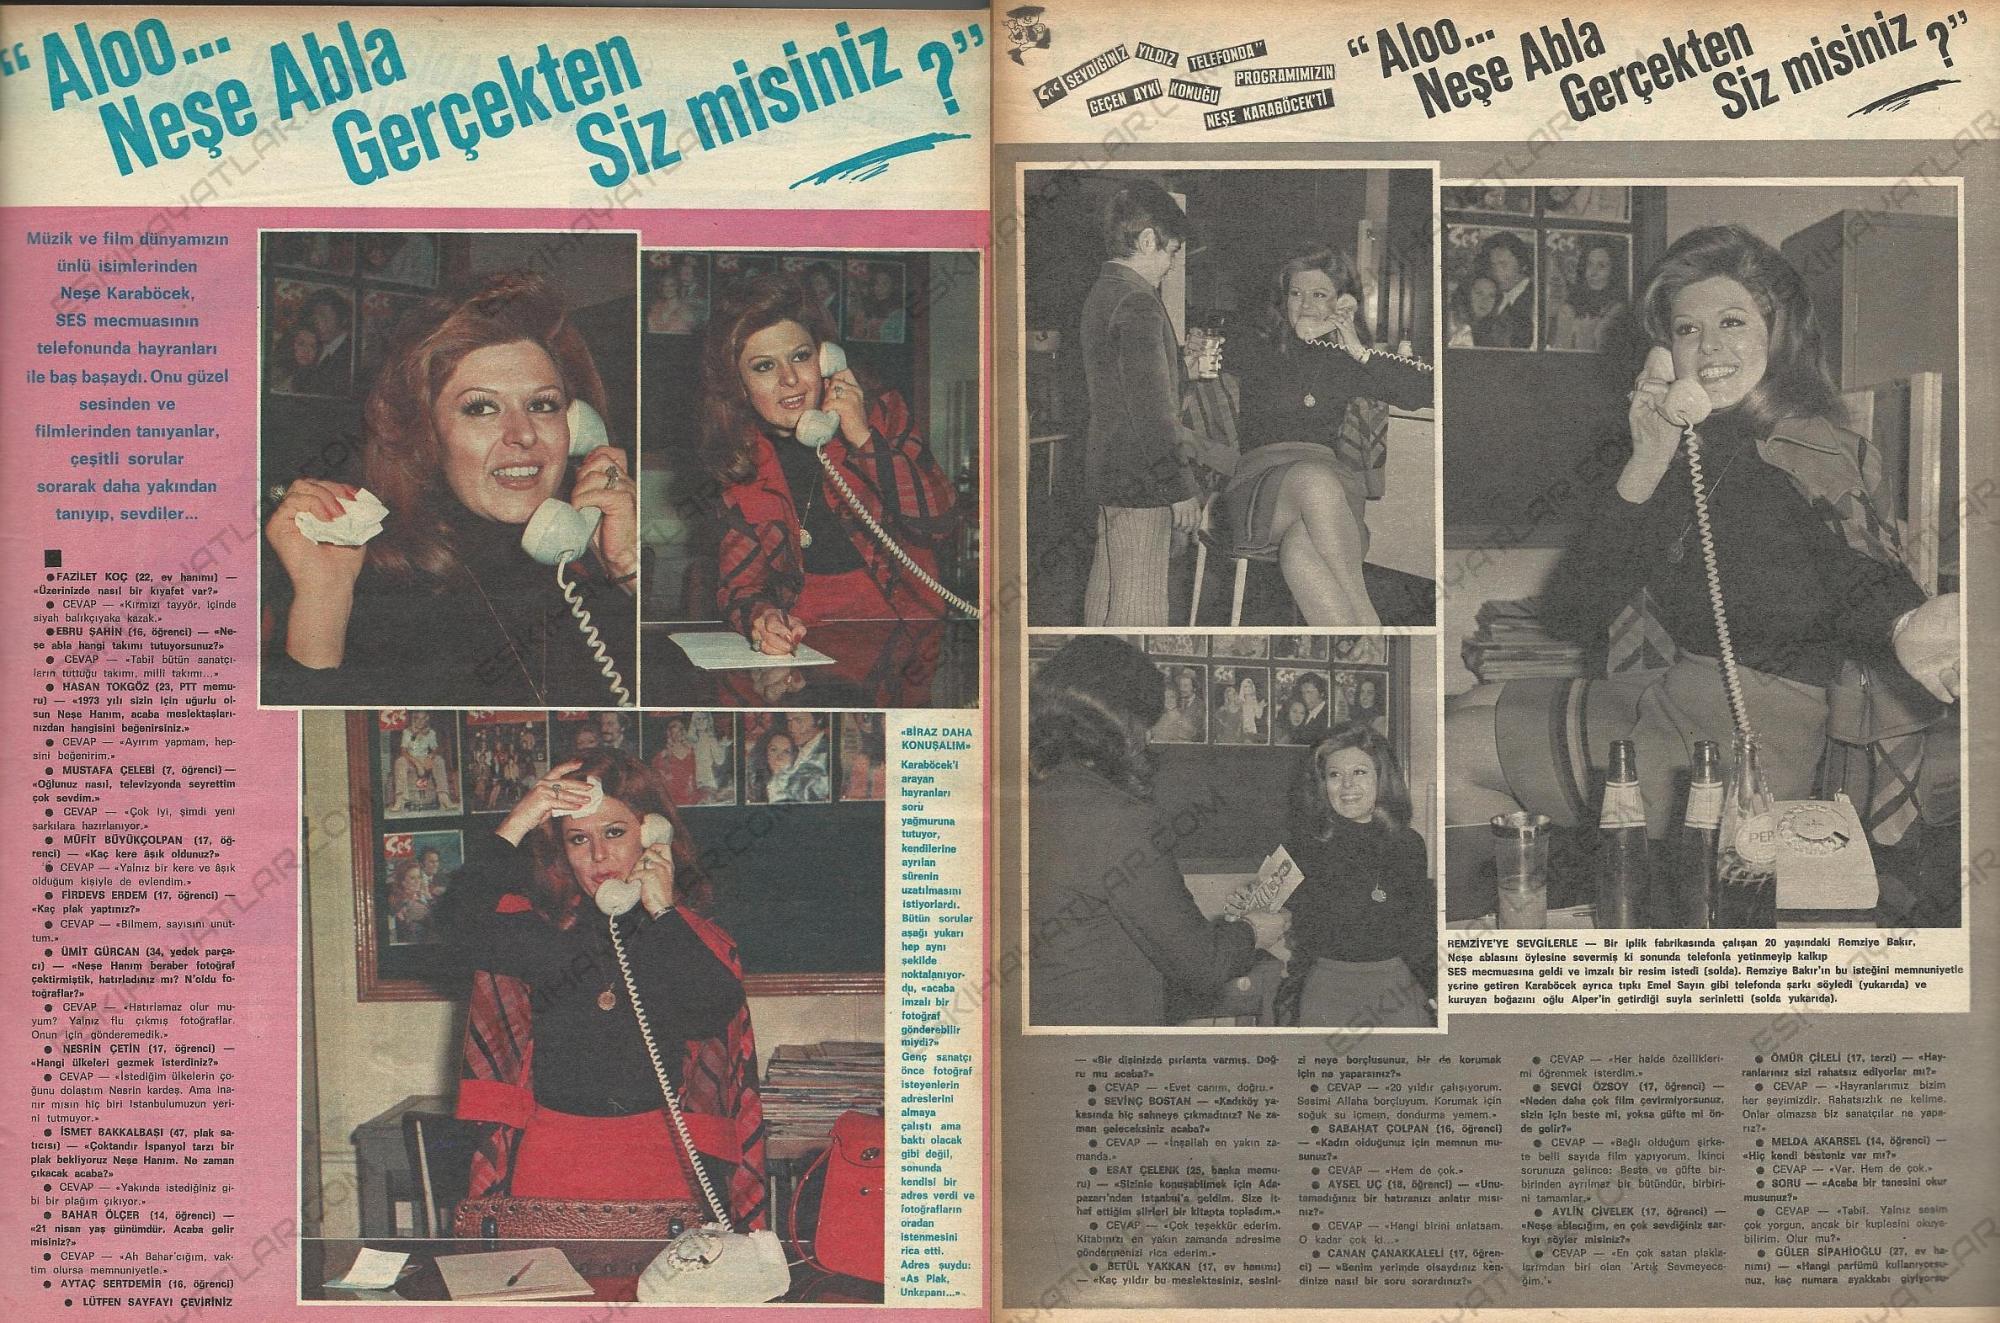 nese-karabocek-roportaji-1973-ses-dergisi-70-lerde-telefon-kullanimi (7)